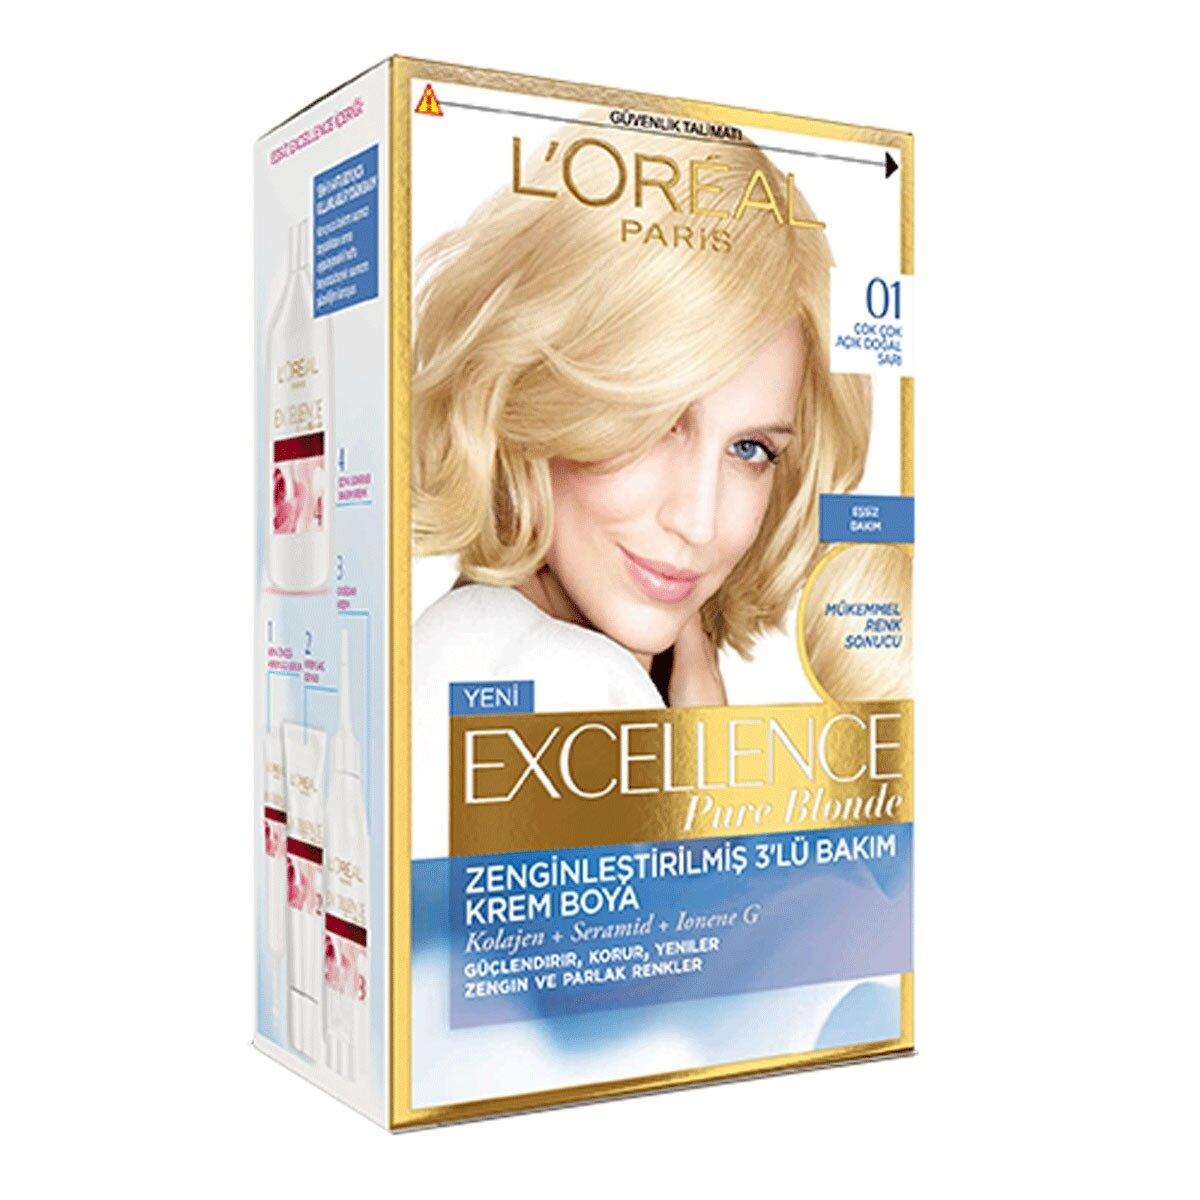 Saç Boyası Blonde Supreme Çok Çok Açık Doğal Sarı